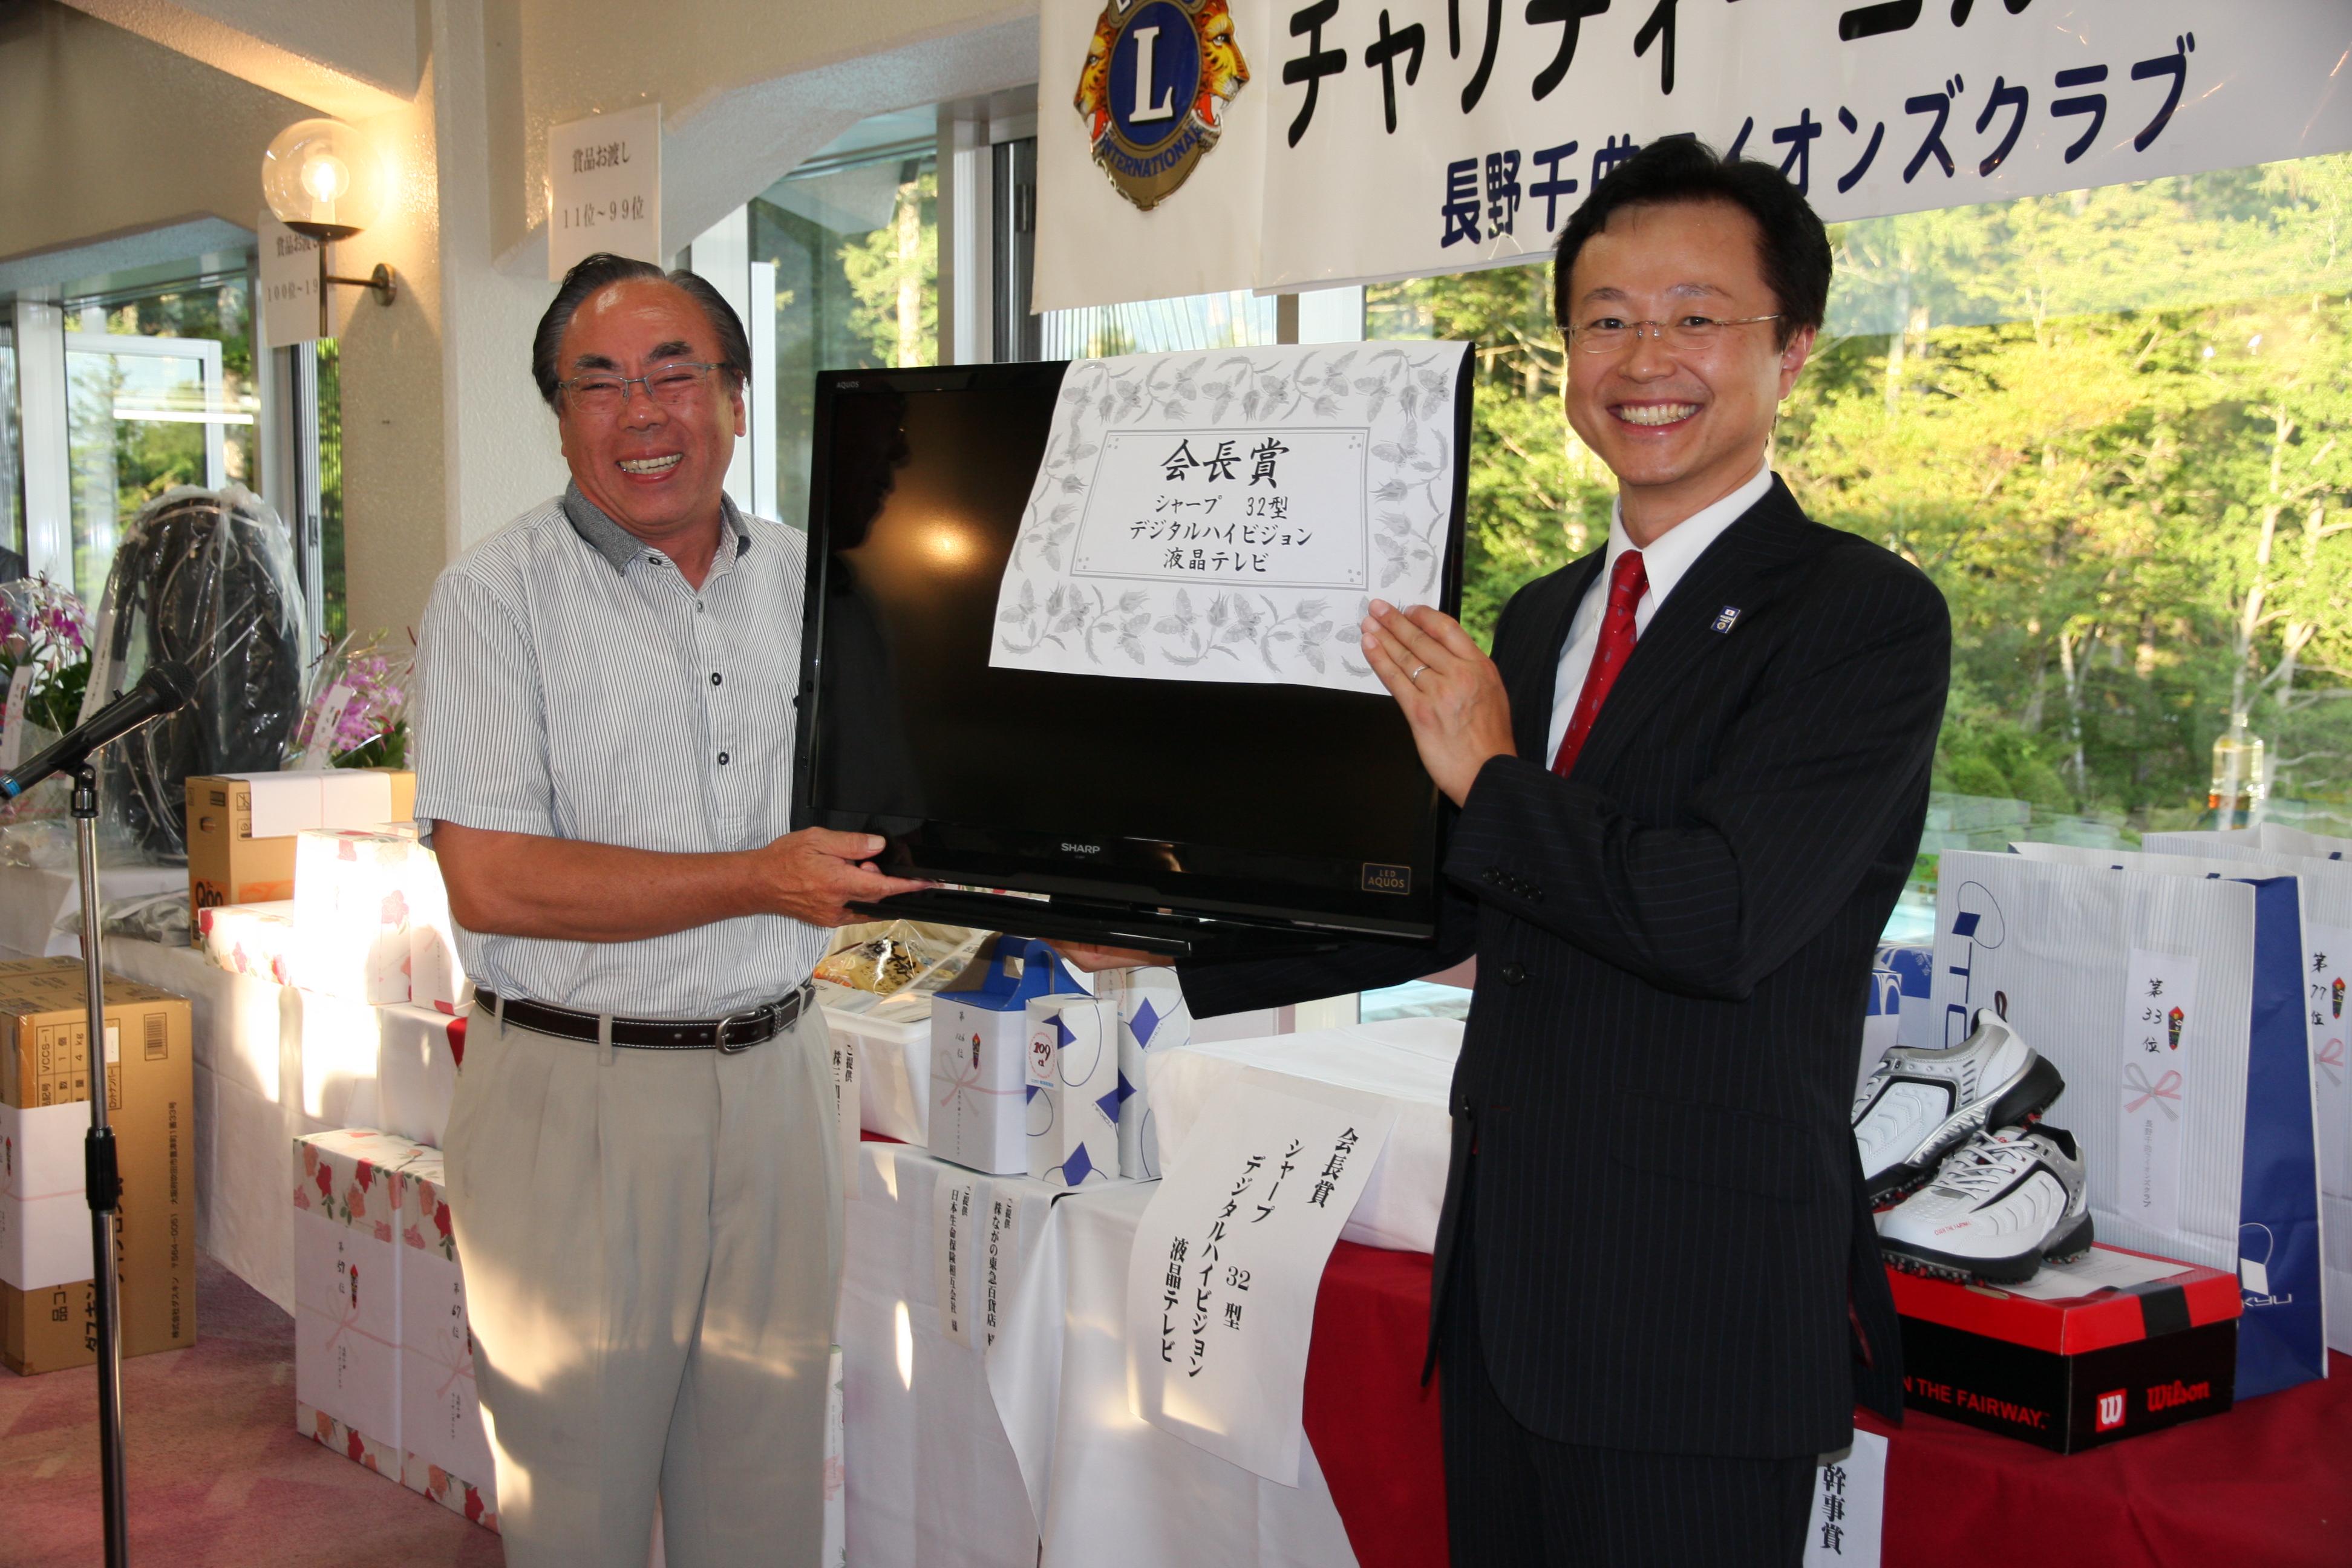 長野千曲LC第24回チャリティーゴルフ大会